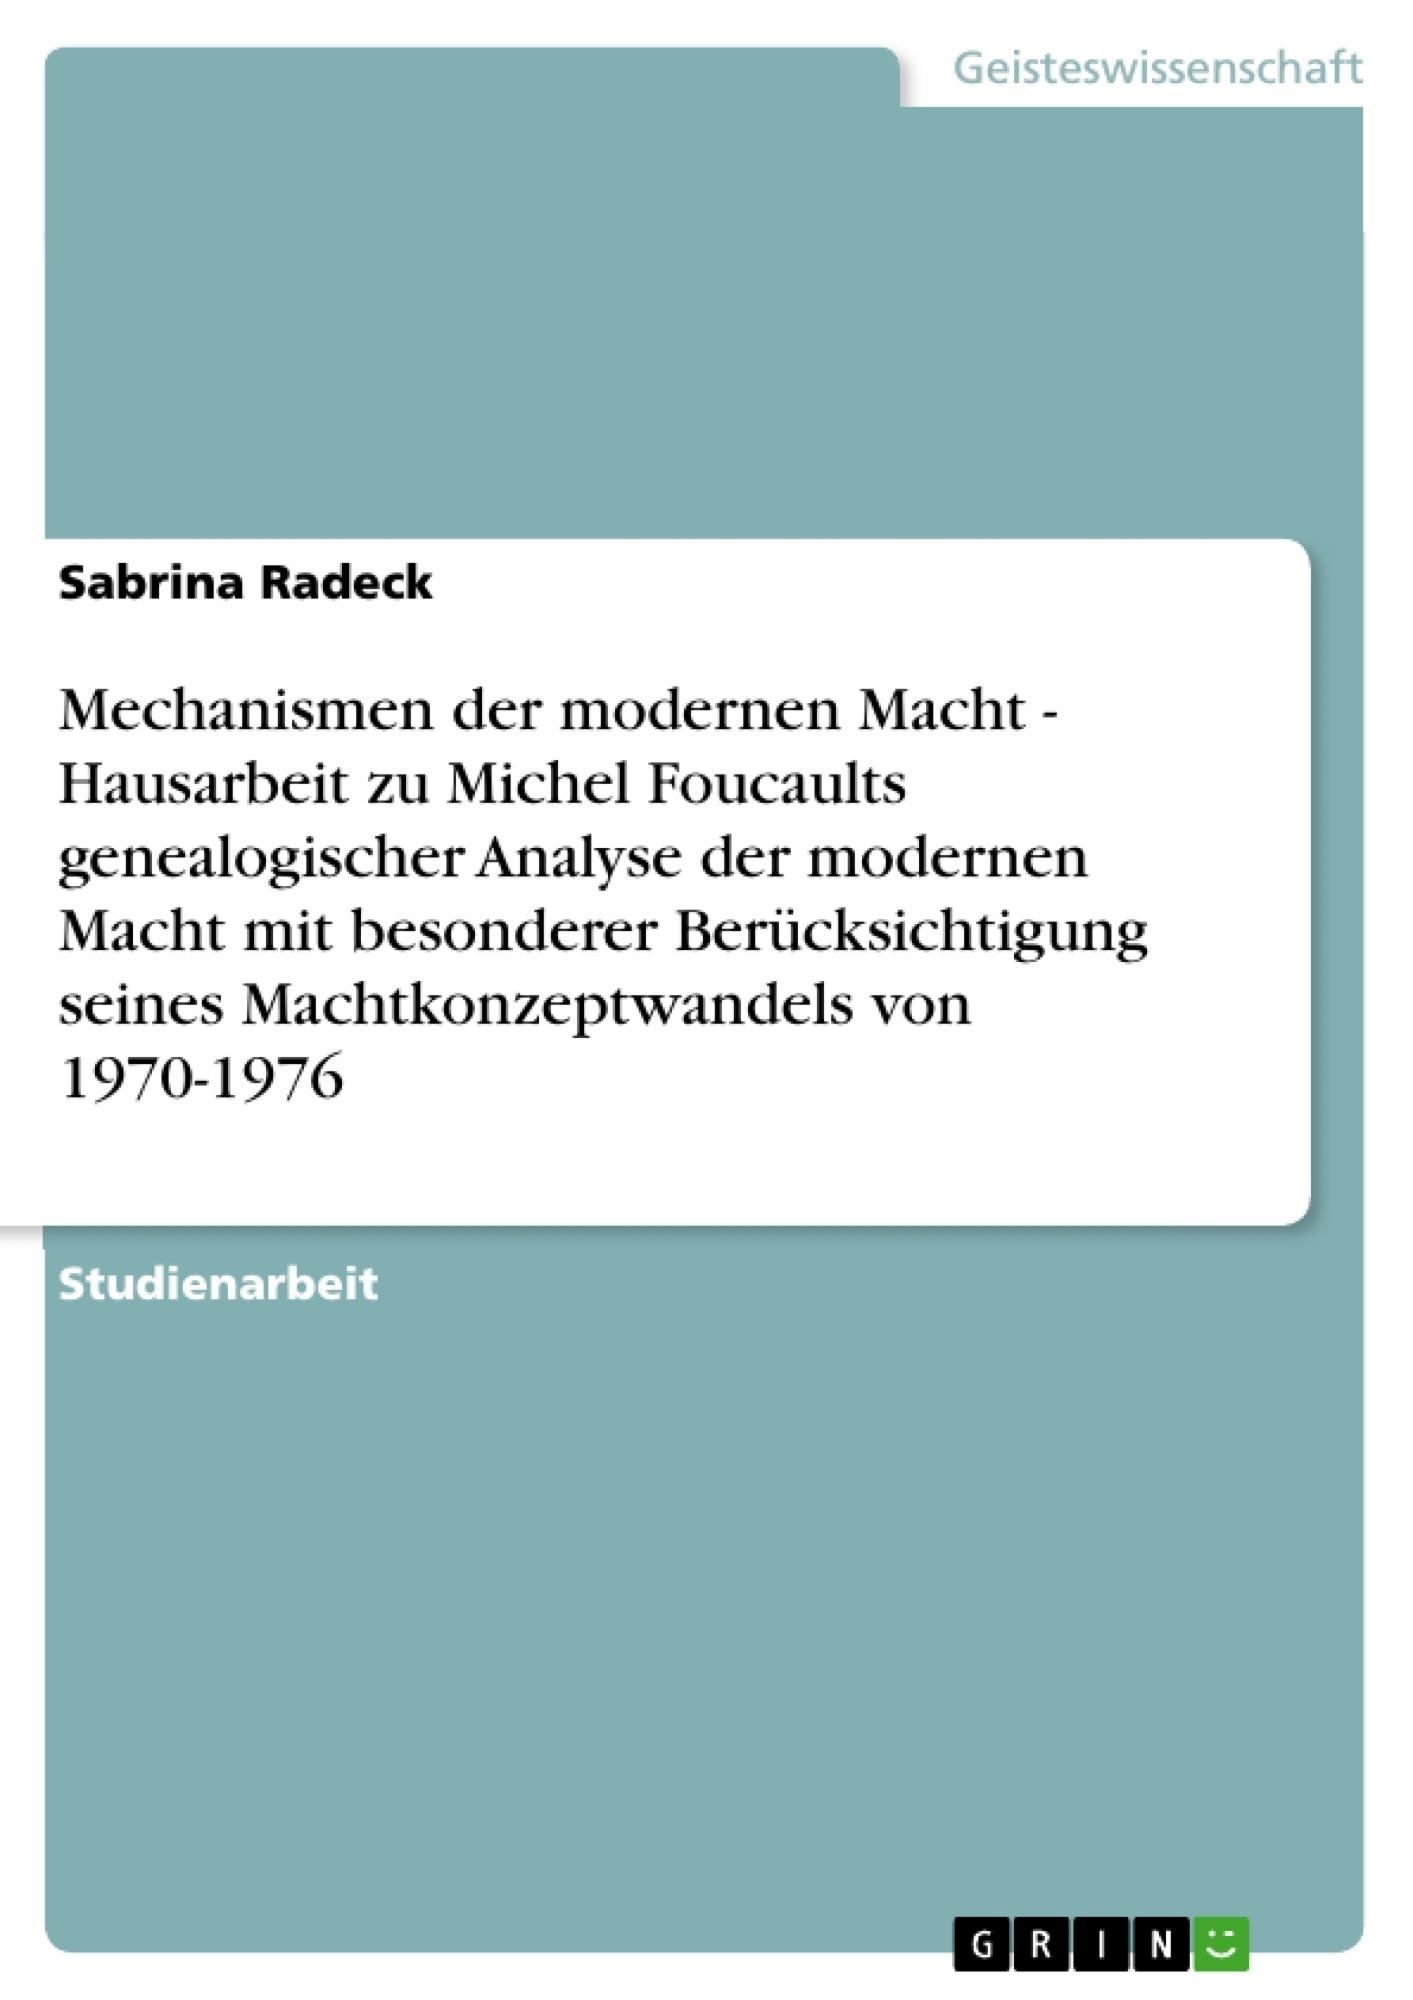 Titel: Mechanismen der modernen Macht - Hausarbeit zu Michel Foucaults genealogischer Analyse der modernen Macht mit besonderer Berücksichtigung seines Machtkonzeptwandels von 1970-1976